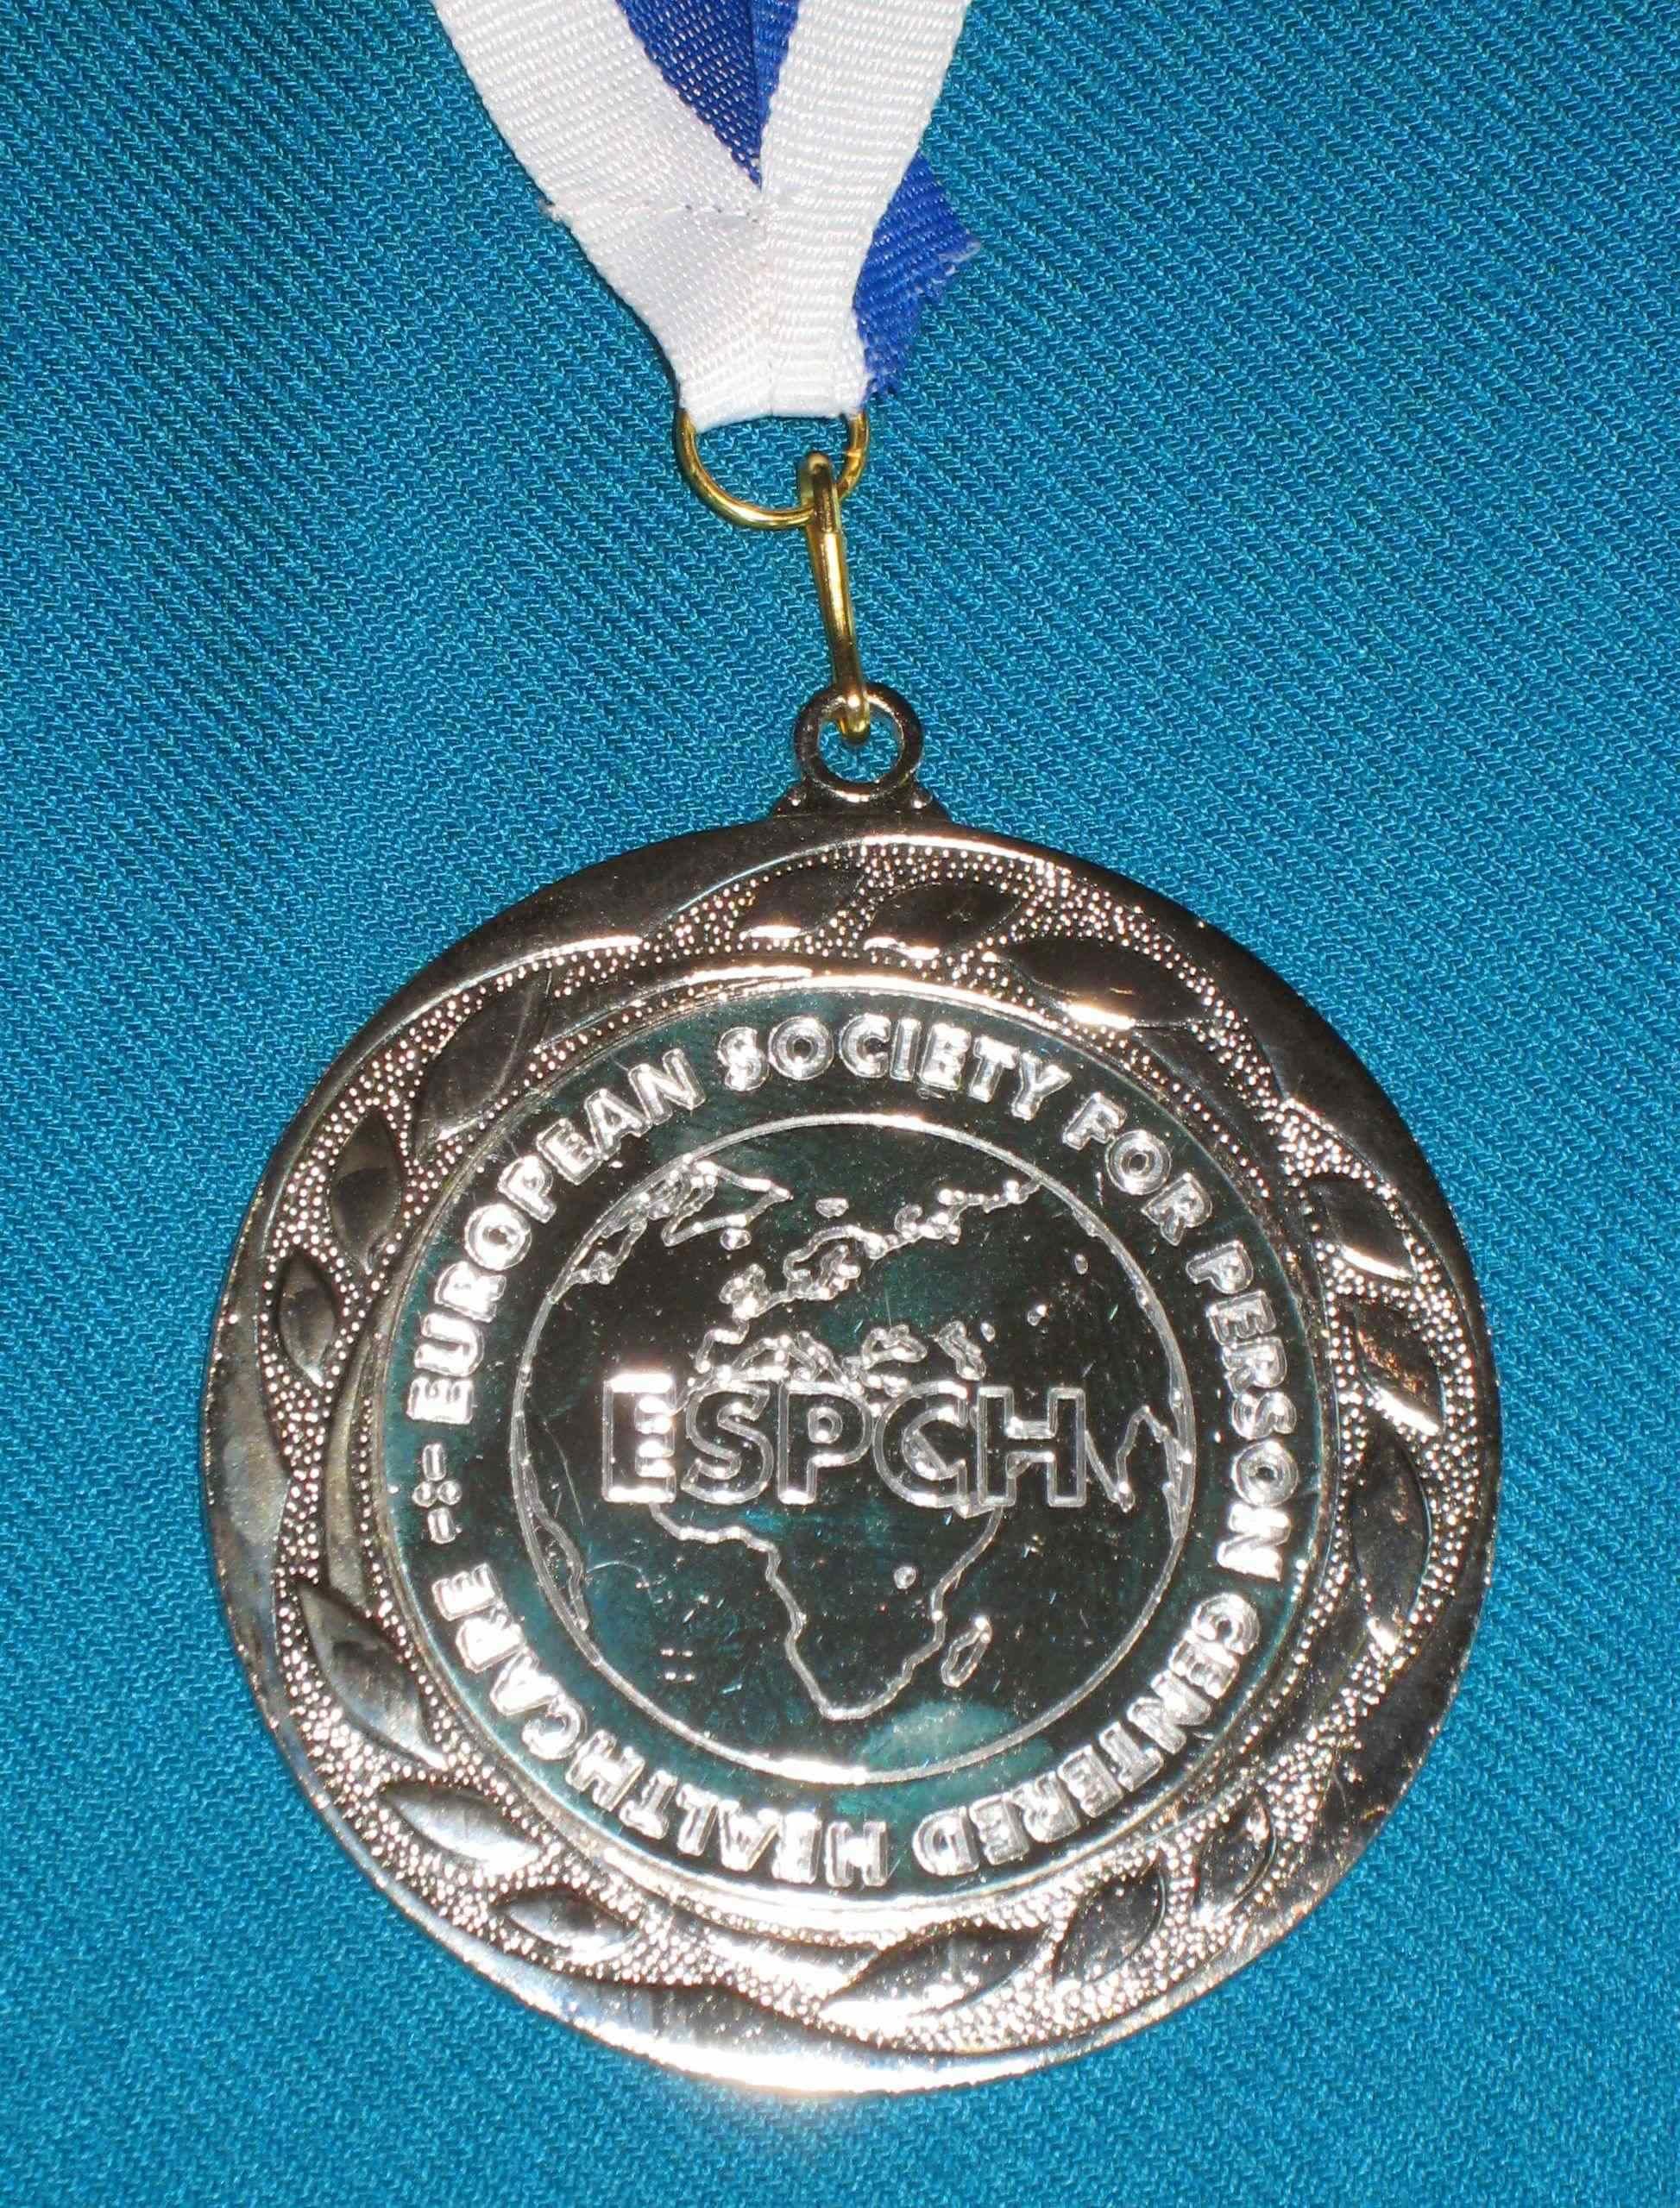 Eine silberne Medaille, in der Mitte das Logo ESPCH und die Umrisse von Europa und Asien, rundherum die Schrift: European Society for Person Centered Healthcare